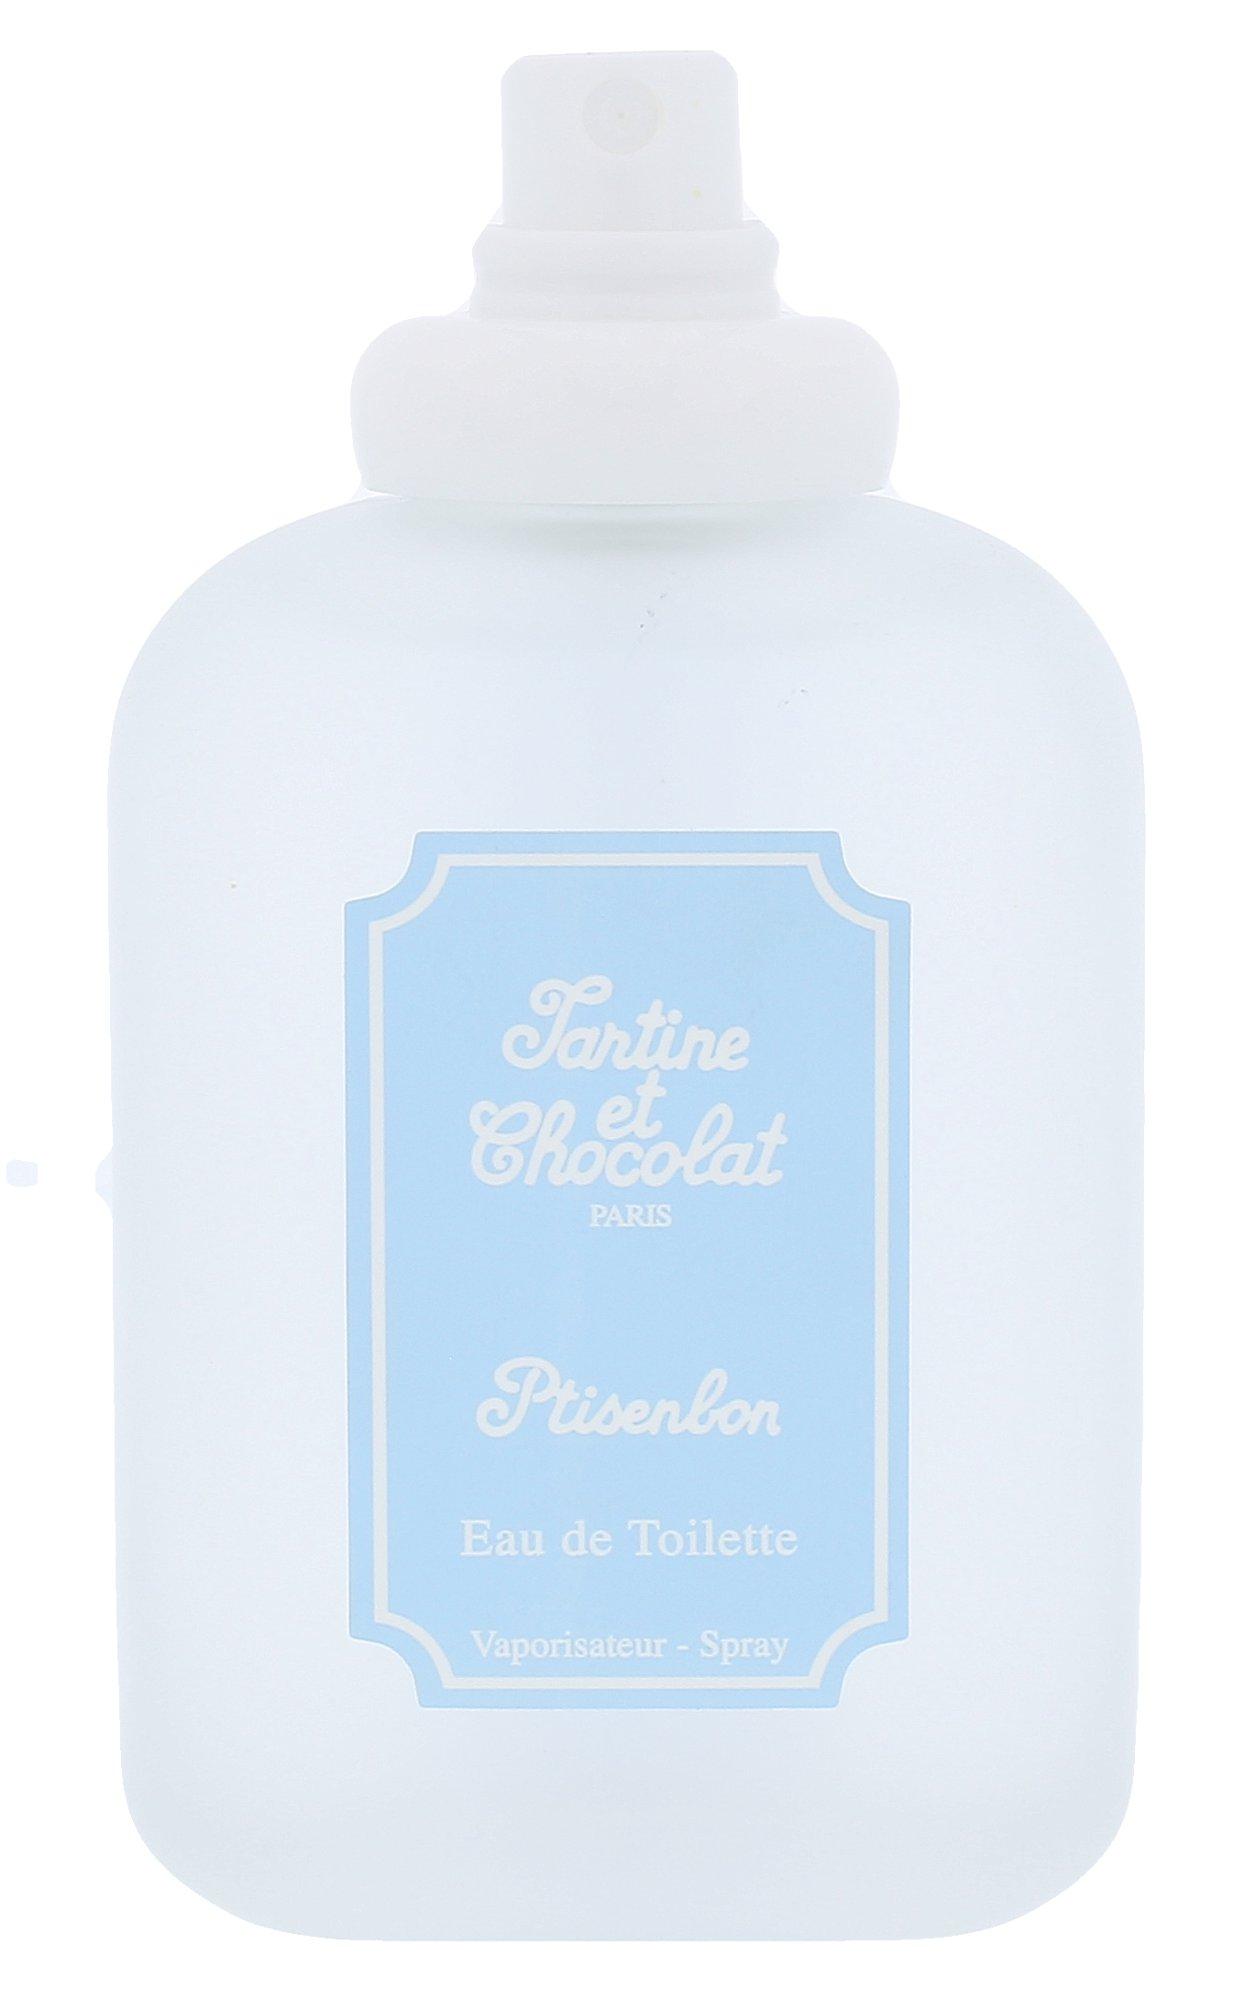 Givenchy Tartine de Chocolat Ptisenbon, Toaletní voda 100ml - Tester